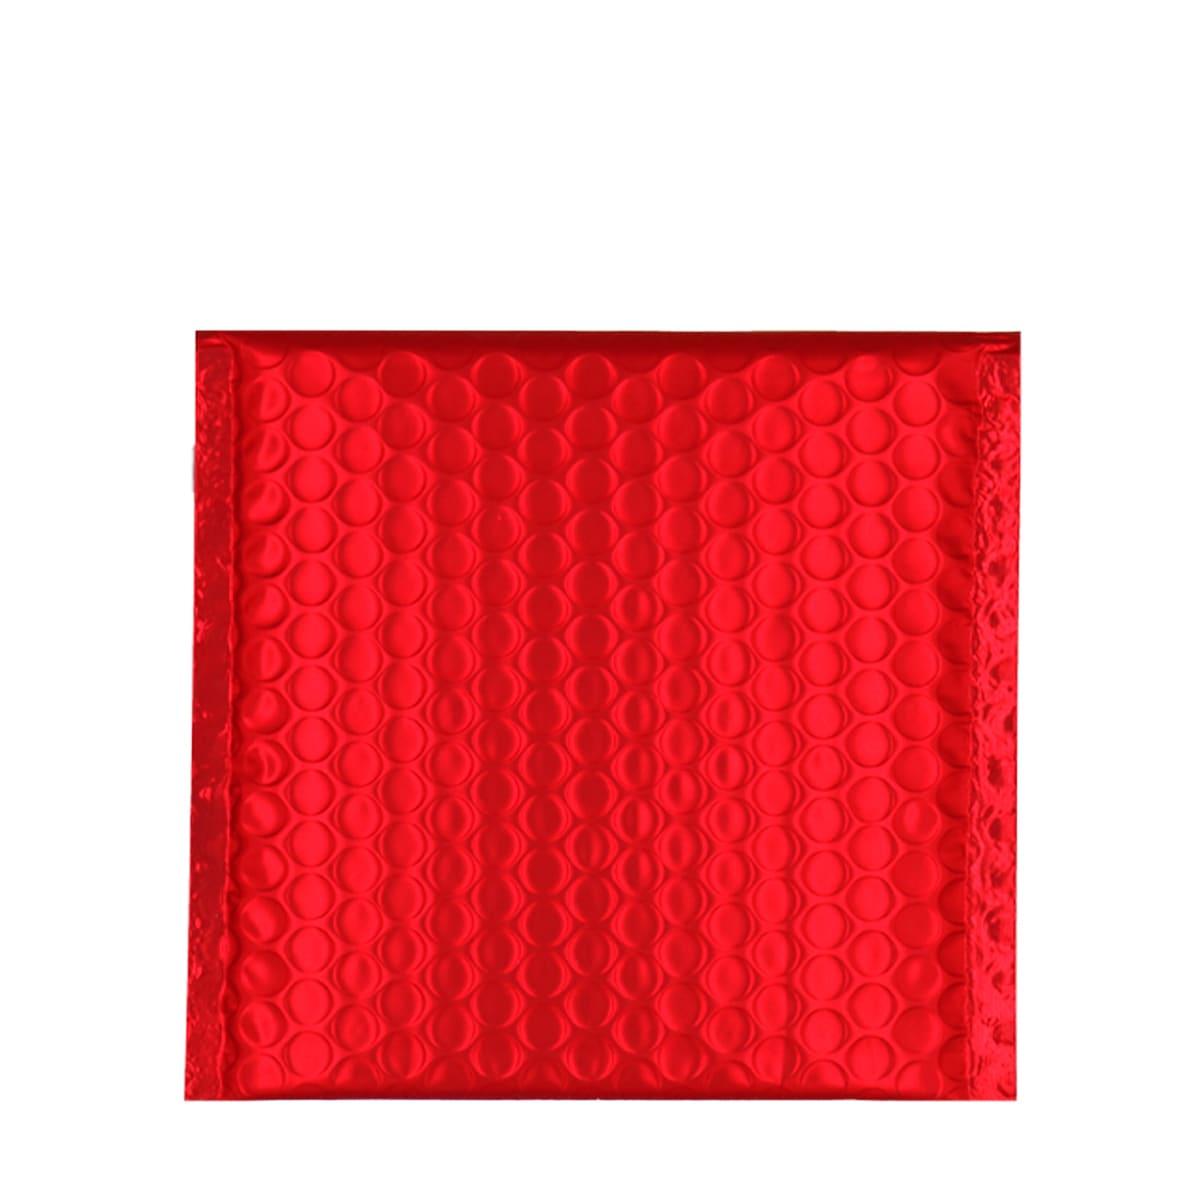 165MM SQUARE MATT METALLIC RED PADDED ENVELOPES